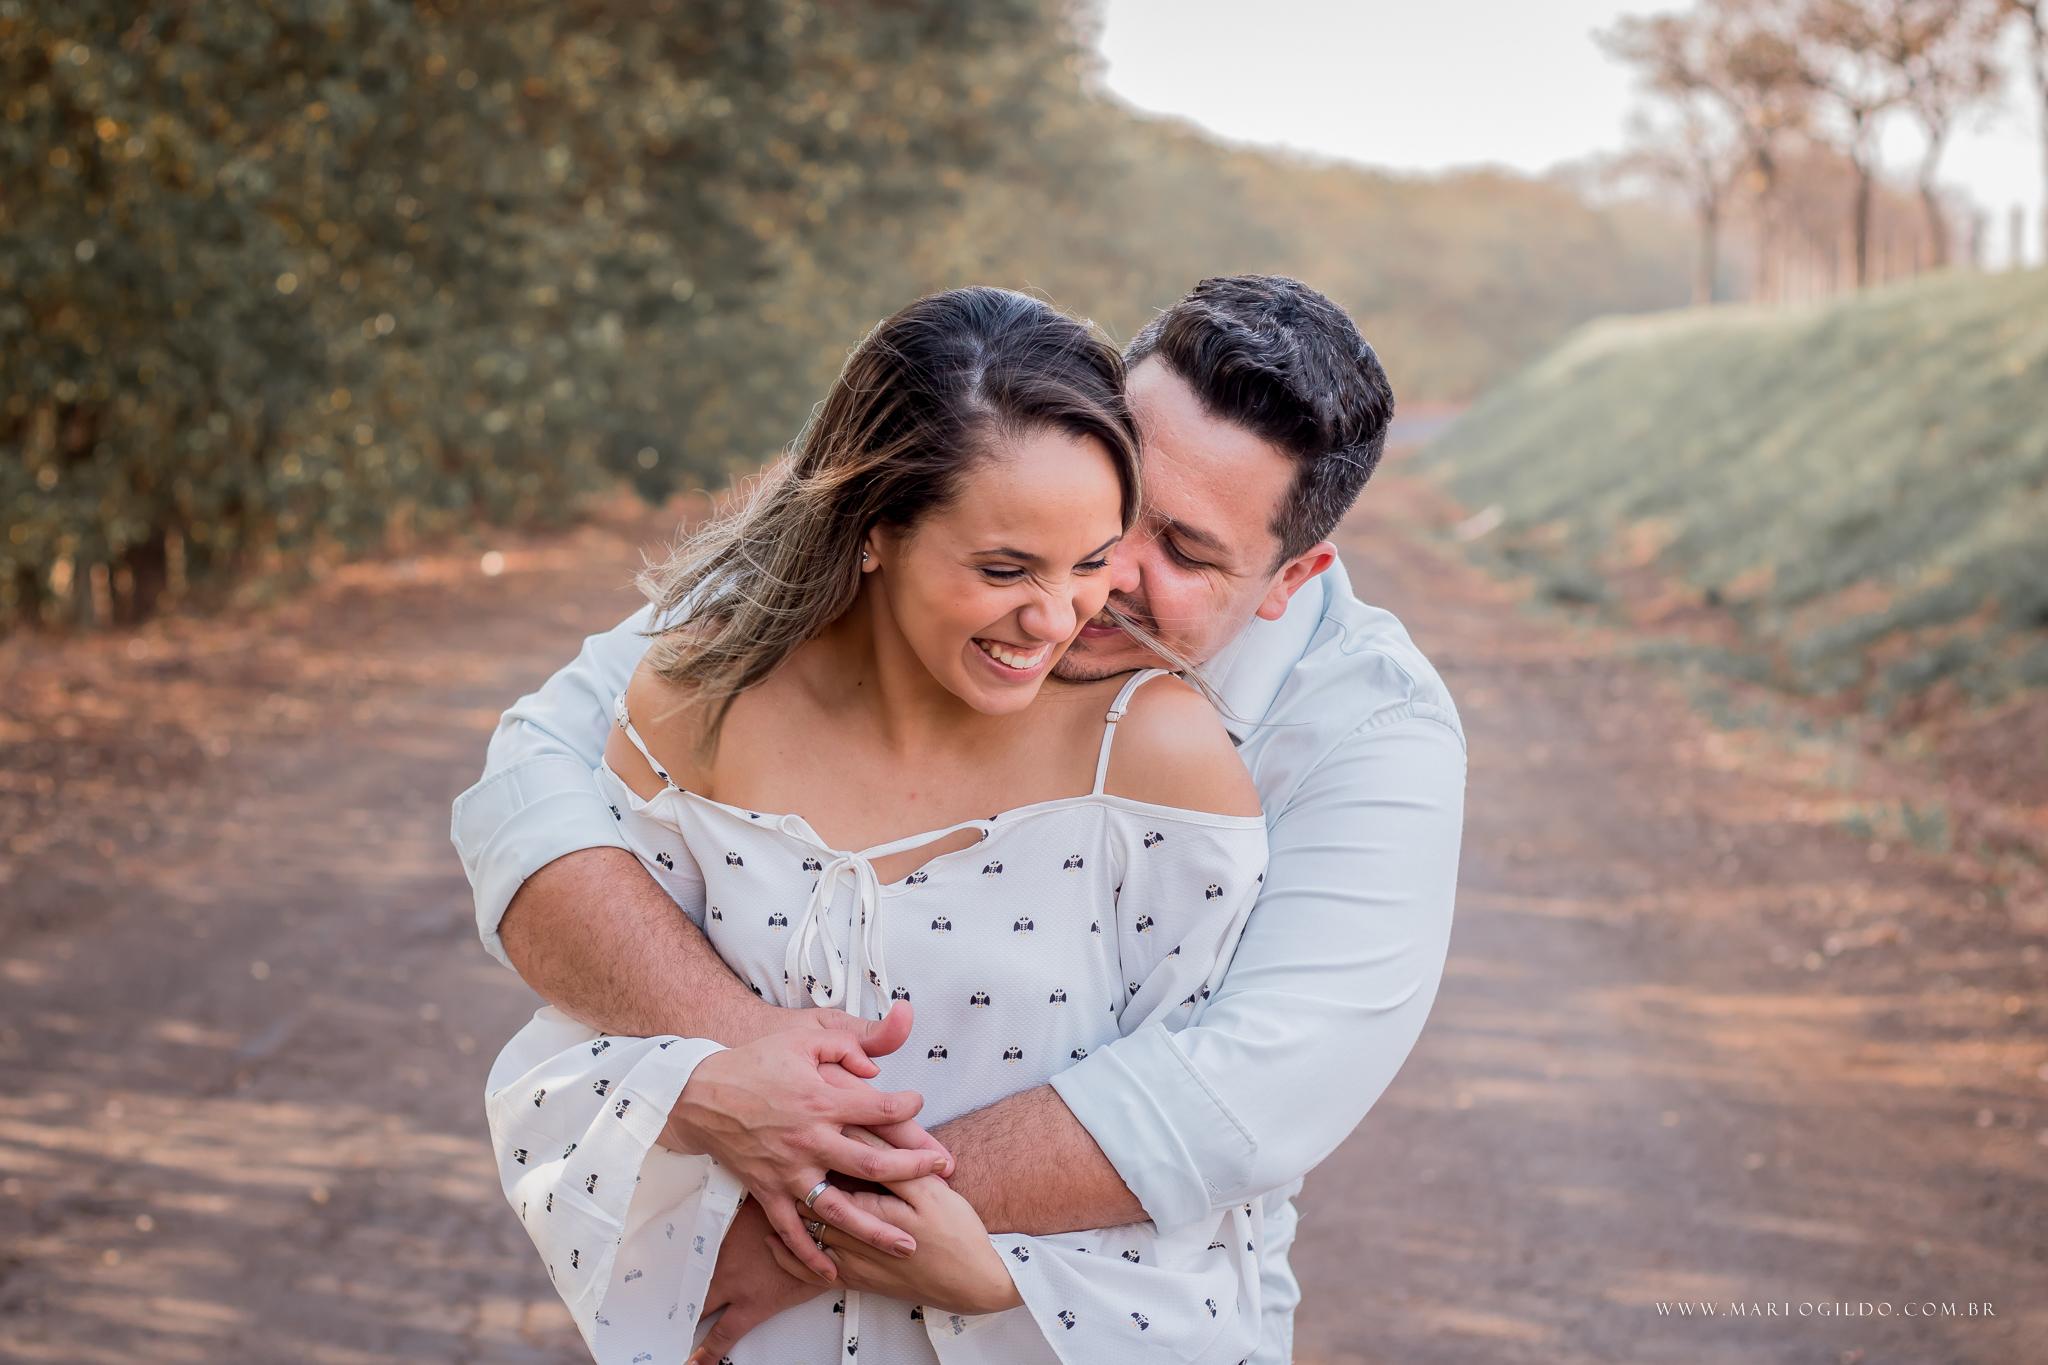 Contate Fotógrafo de Casamento SP - Mario Gildo - Jaú / Bauru - SP